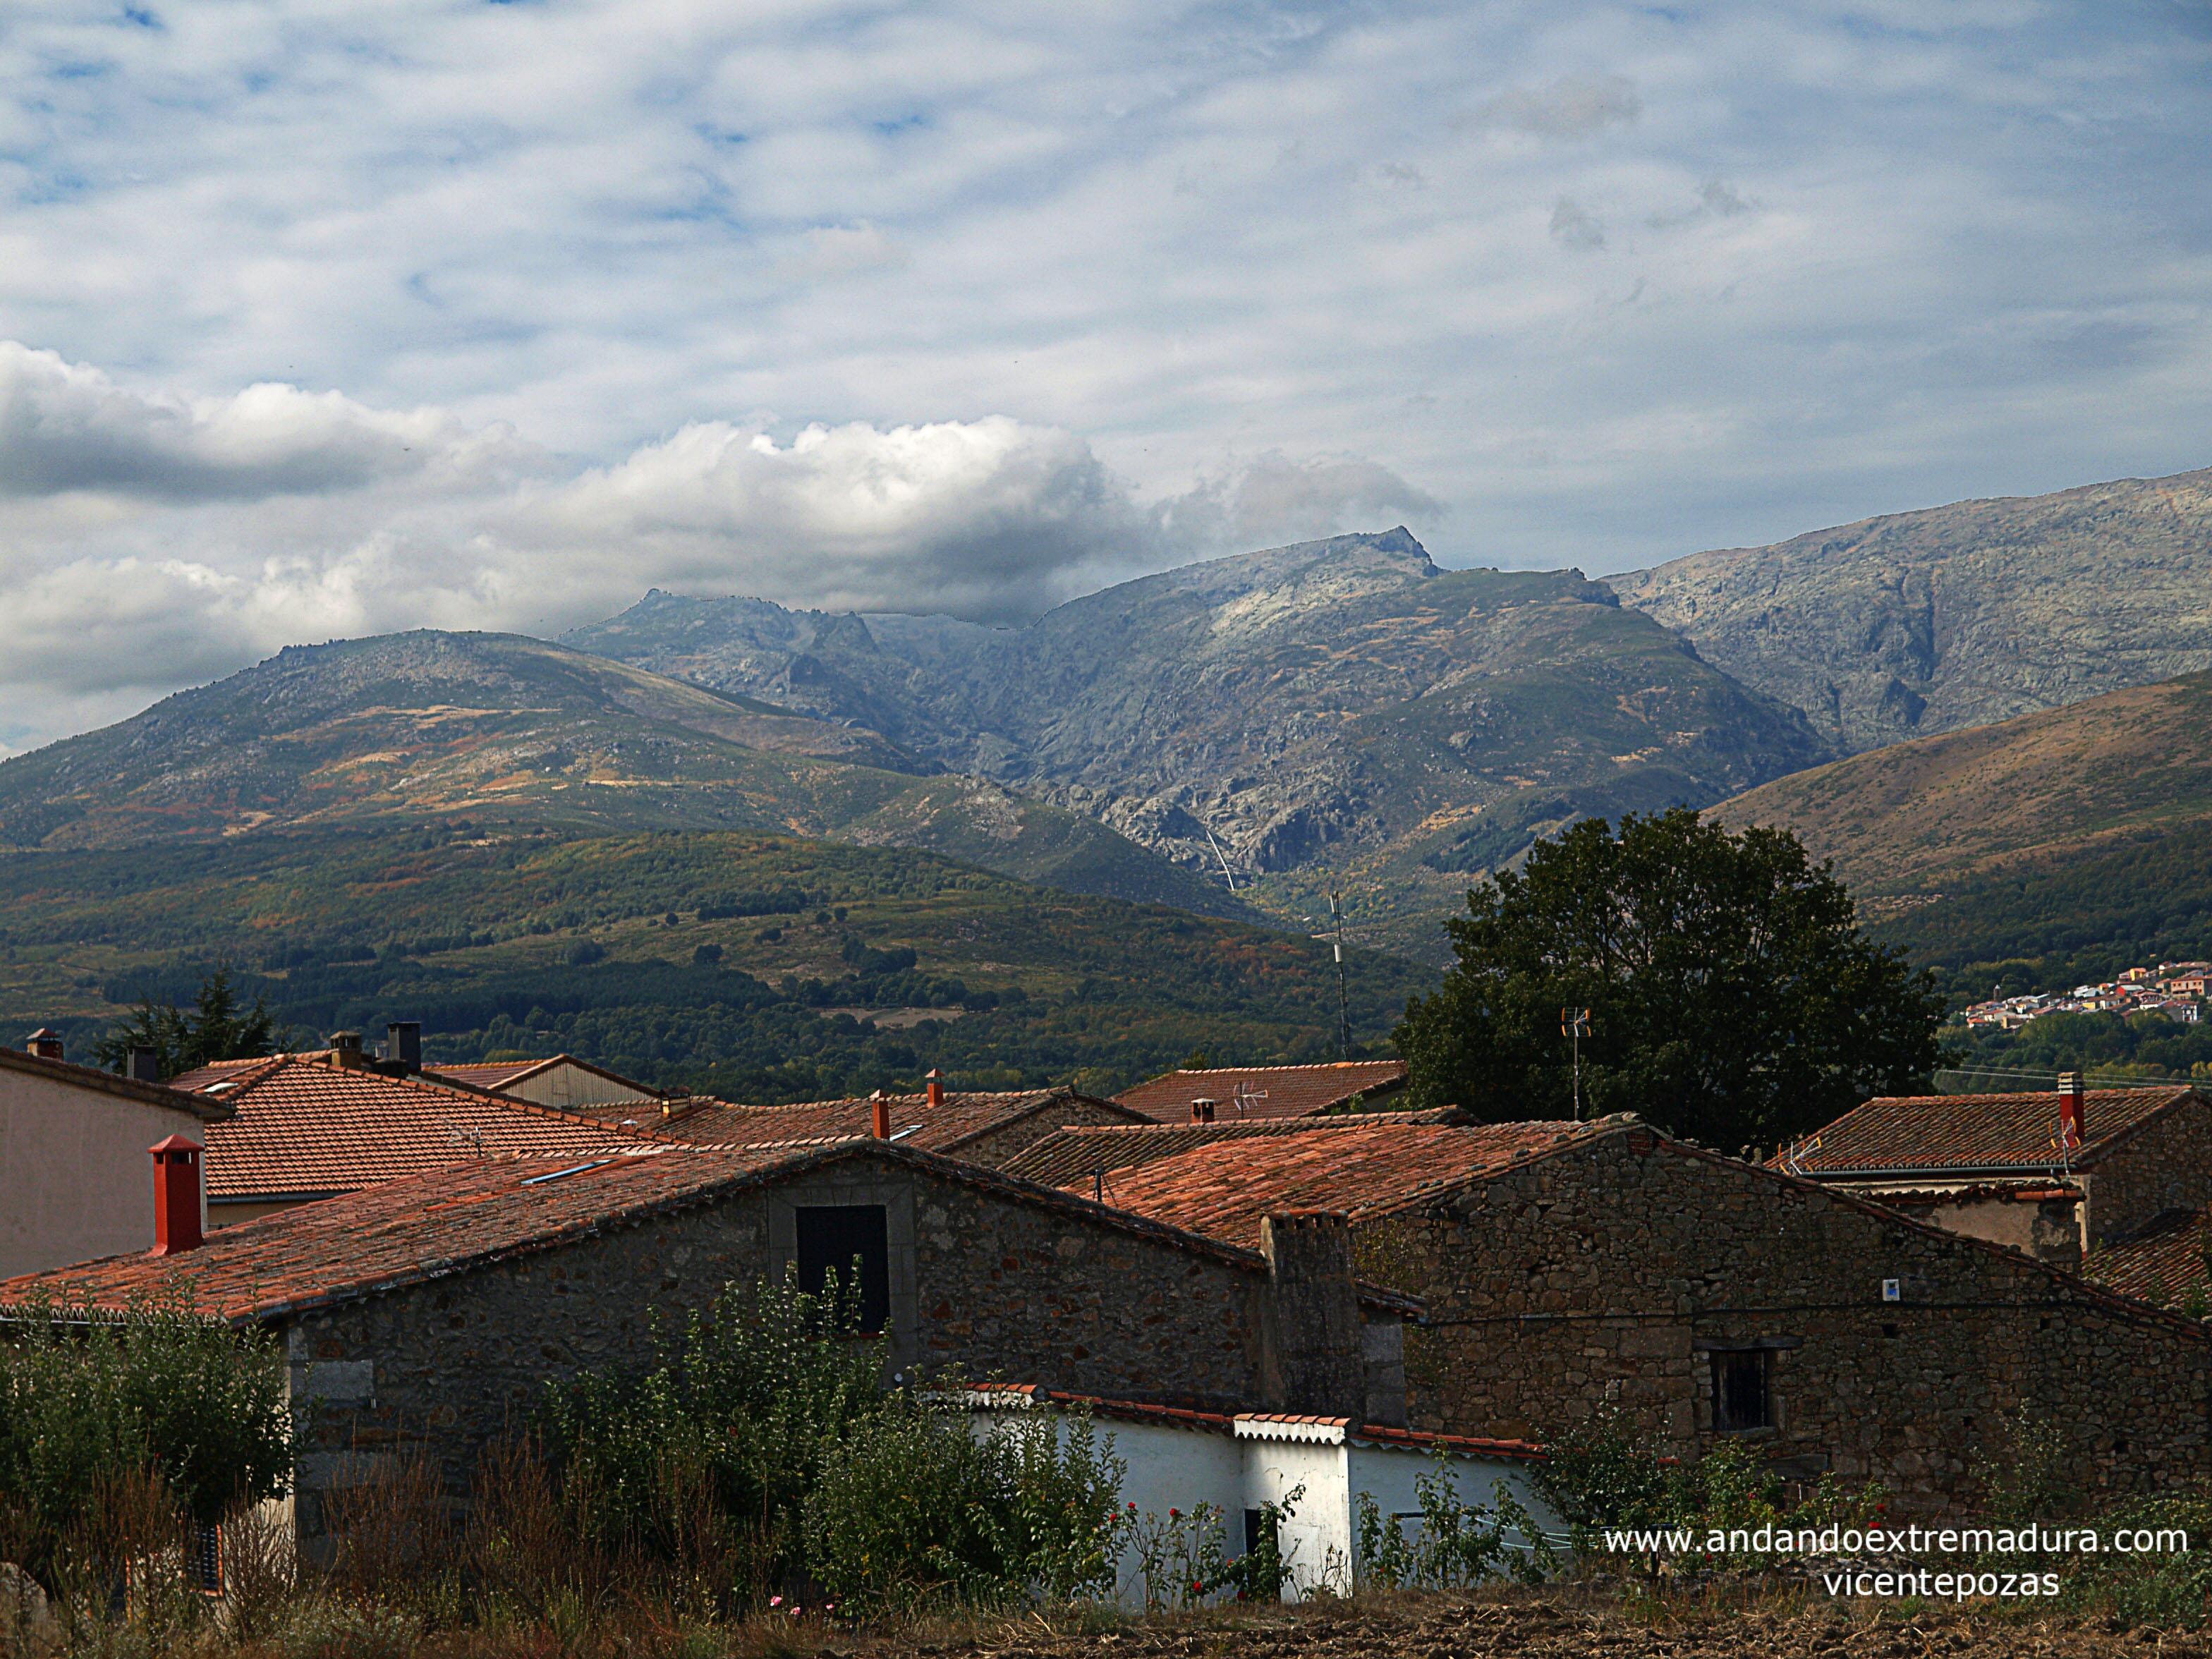 Ruta Caminos tradicionales del Alto Aravalle. Ávila